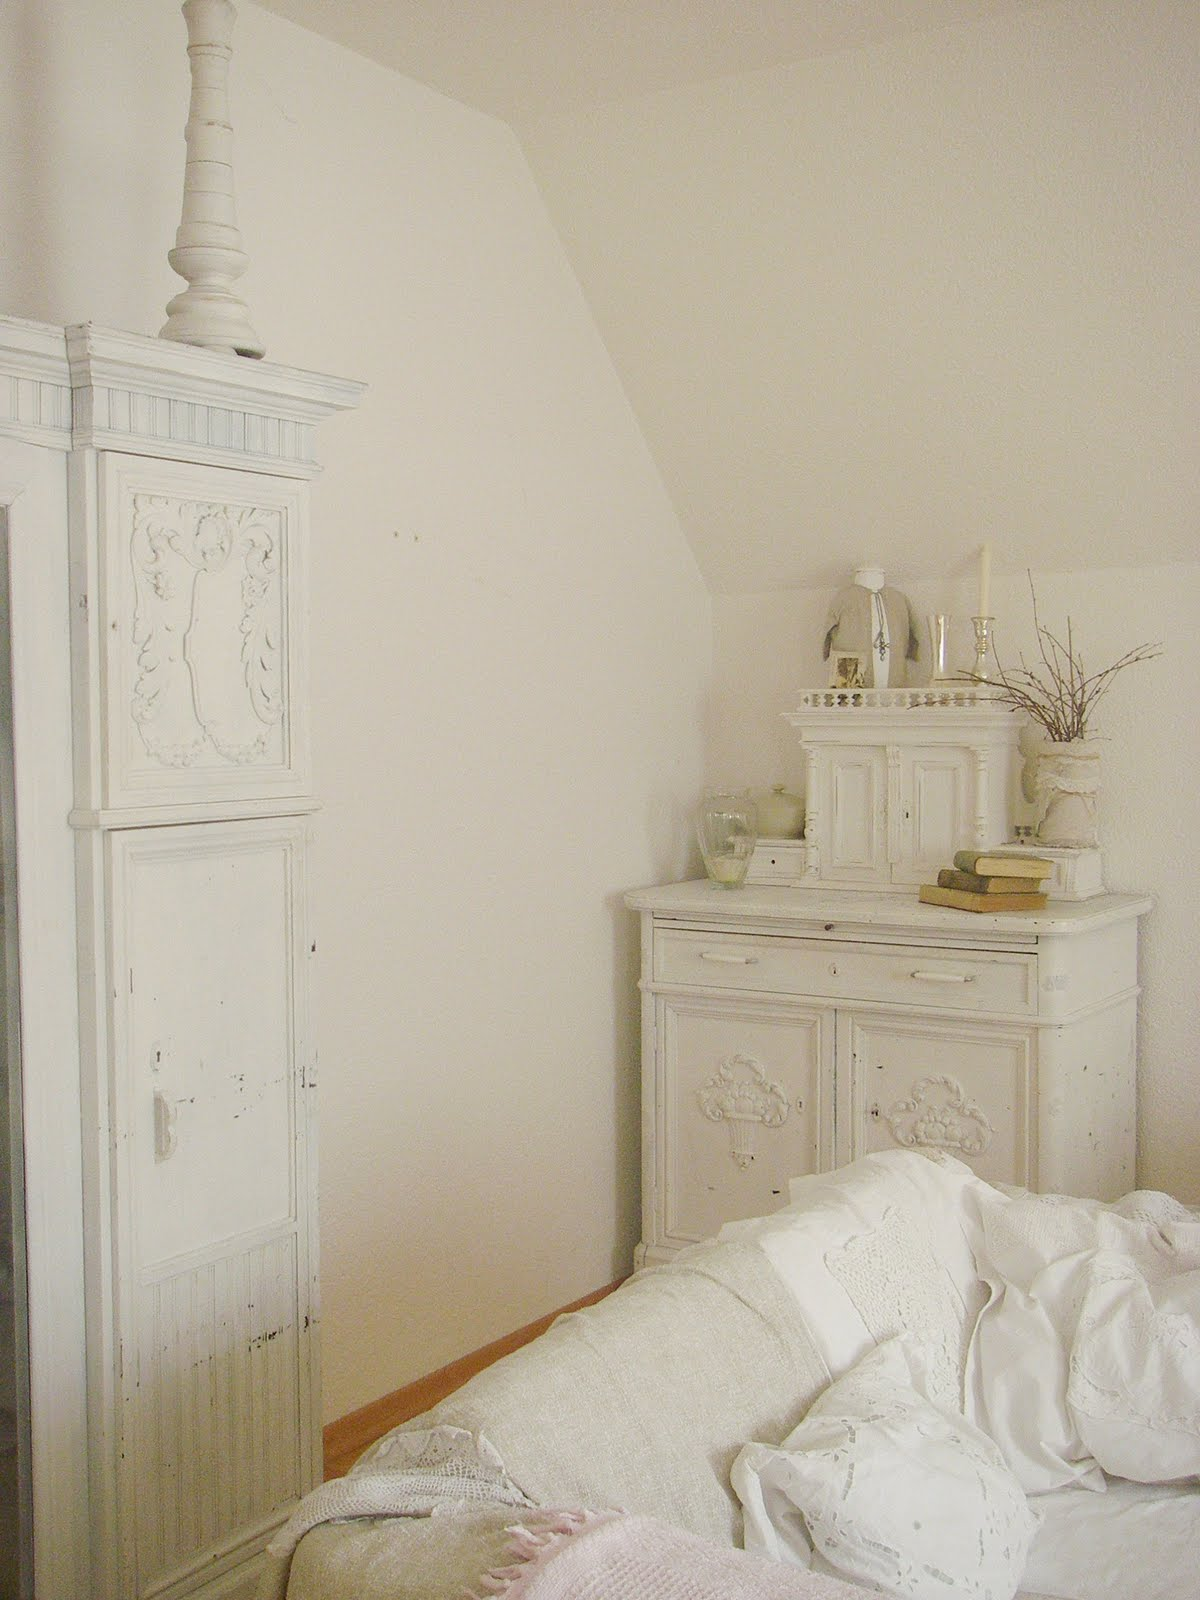 flohmarkt impressionen das wohnzimmer shabby chic is born. Black Bedroom Furniture Sets. Home Design Ideas